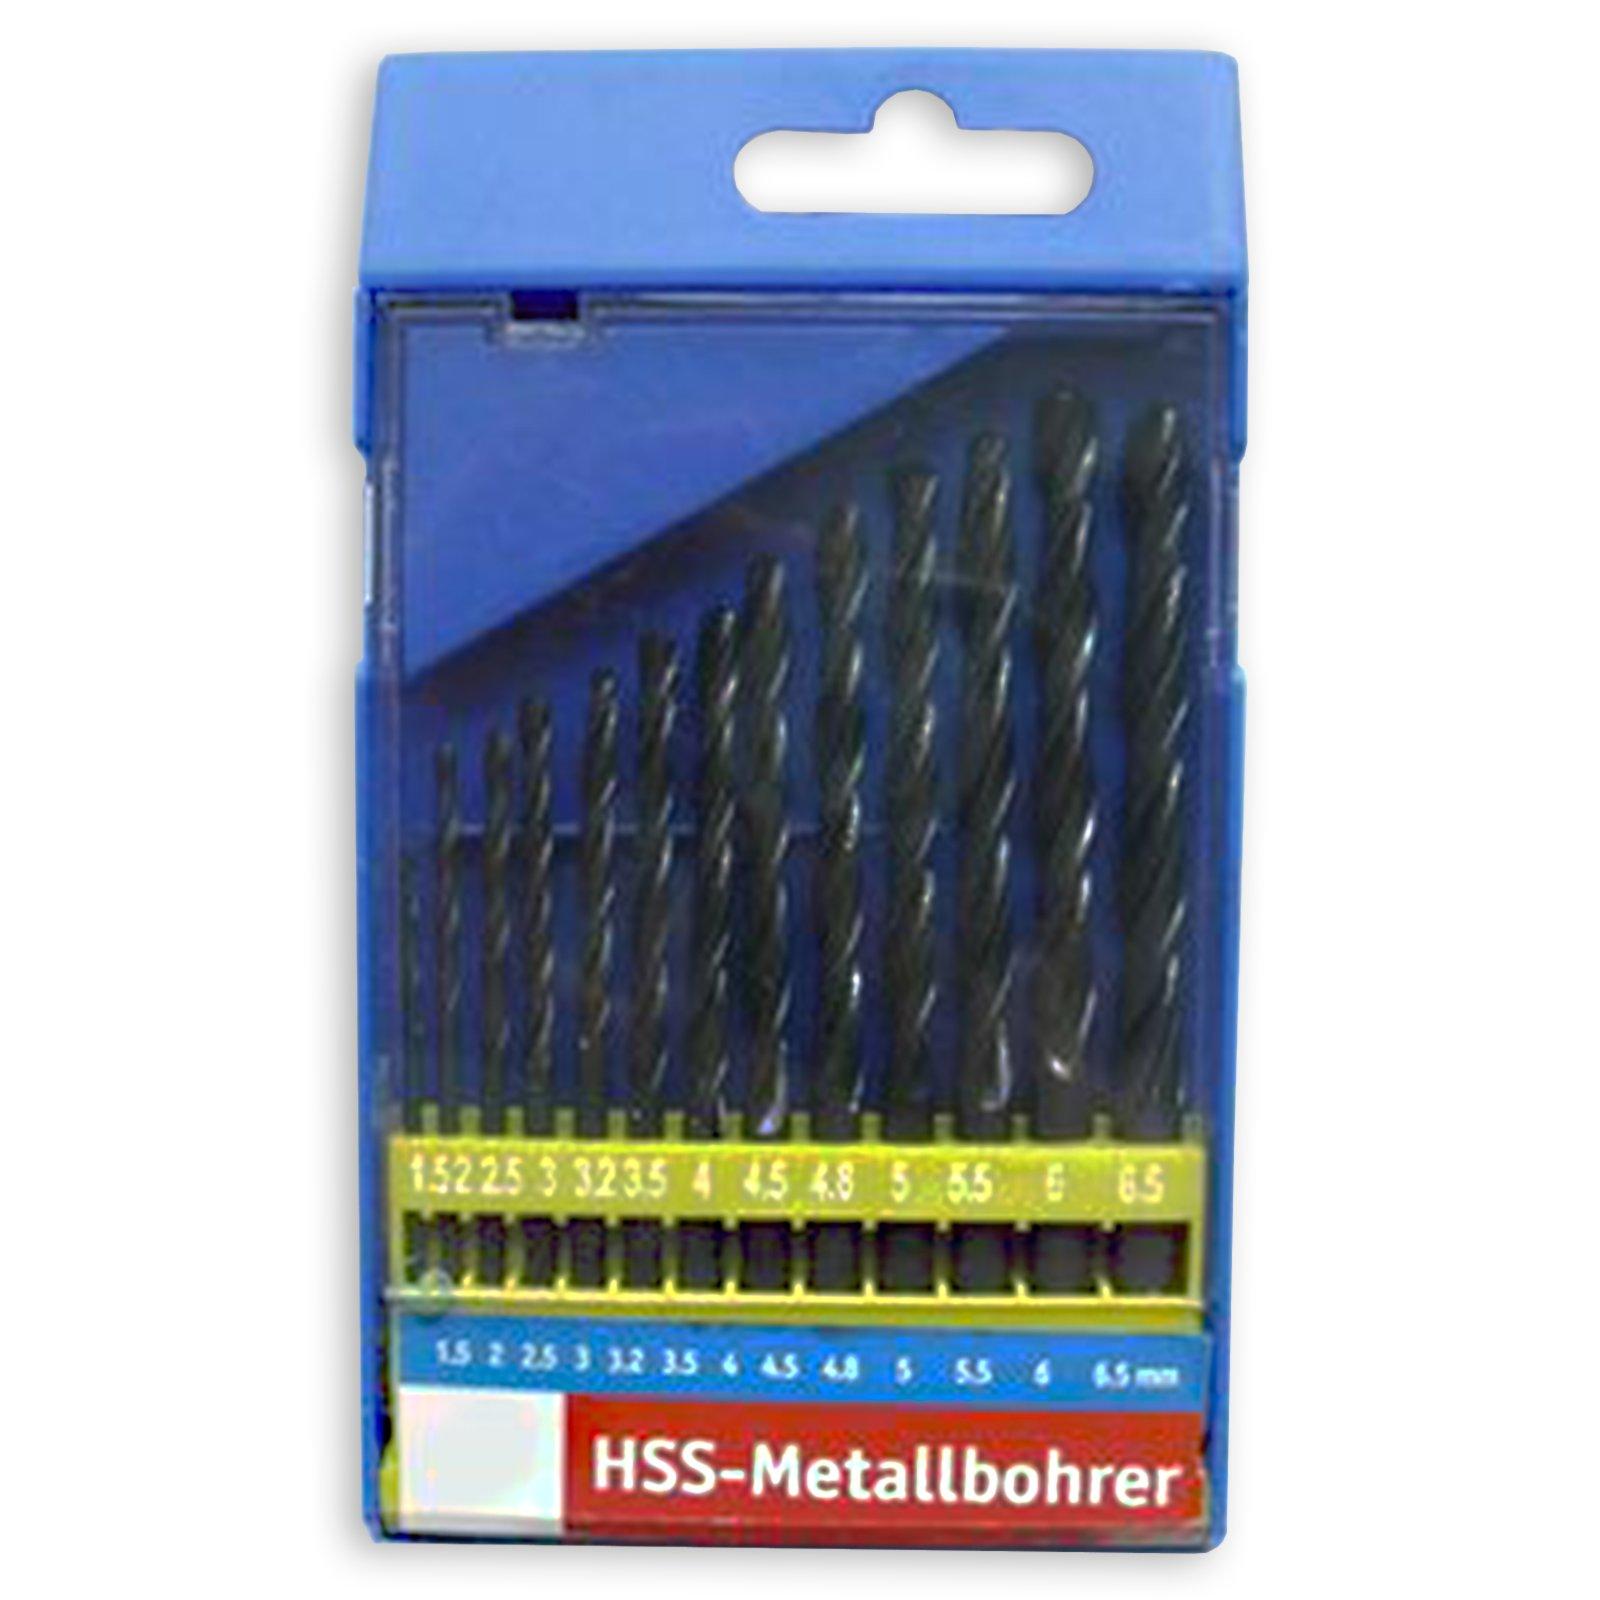 HSS Metallbohrersatz - 13-teilig